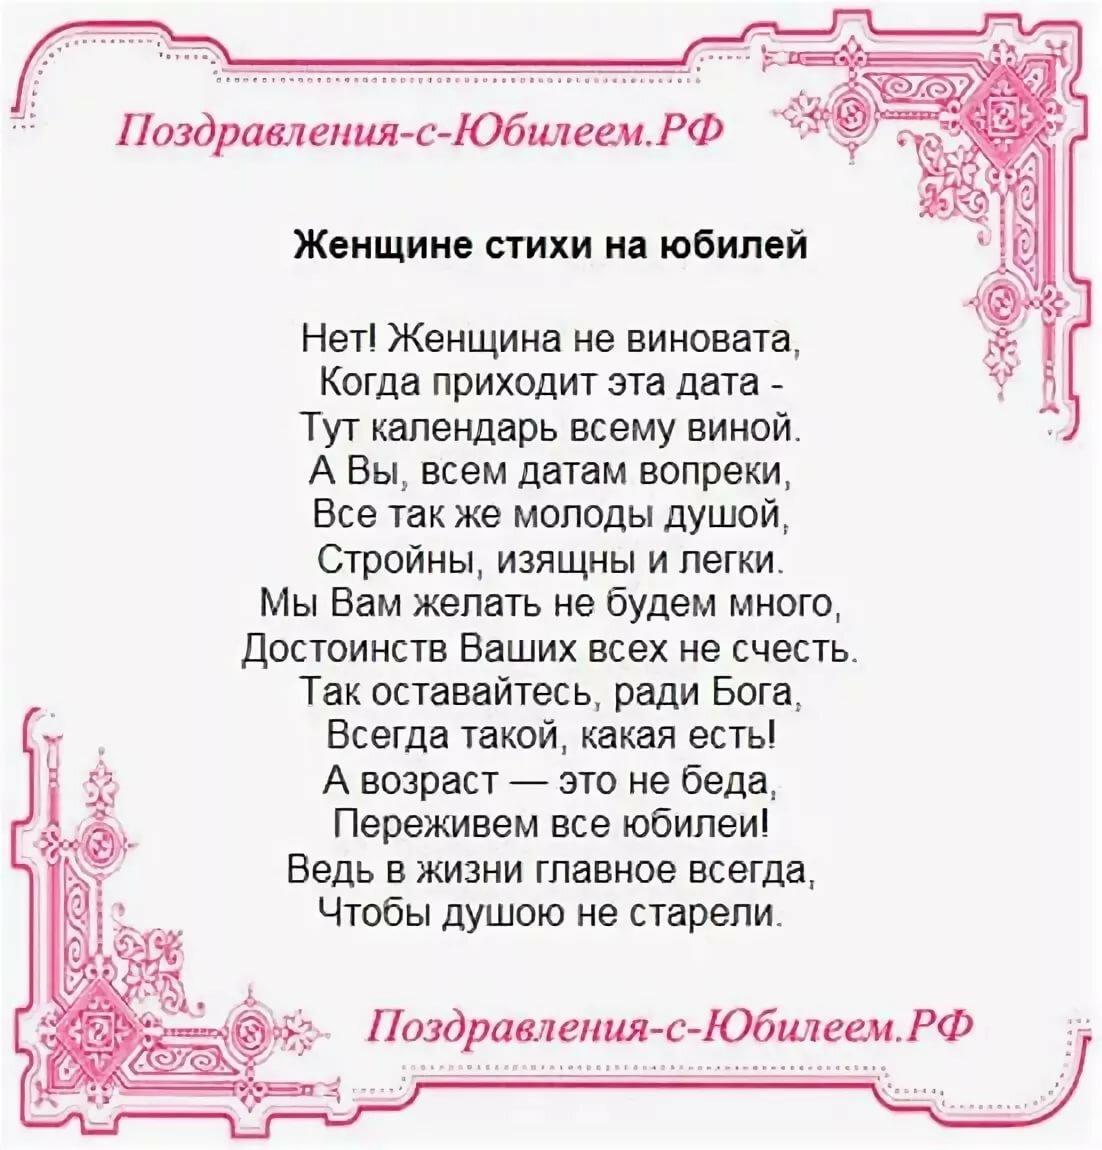 Поздравление не в стихотворной форме с днем рождения